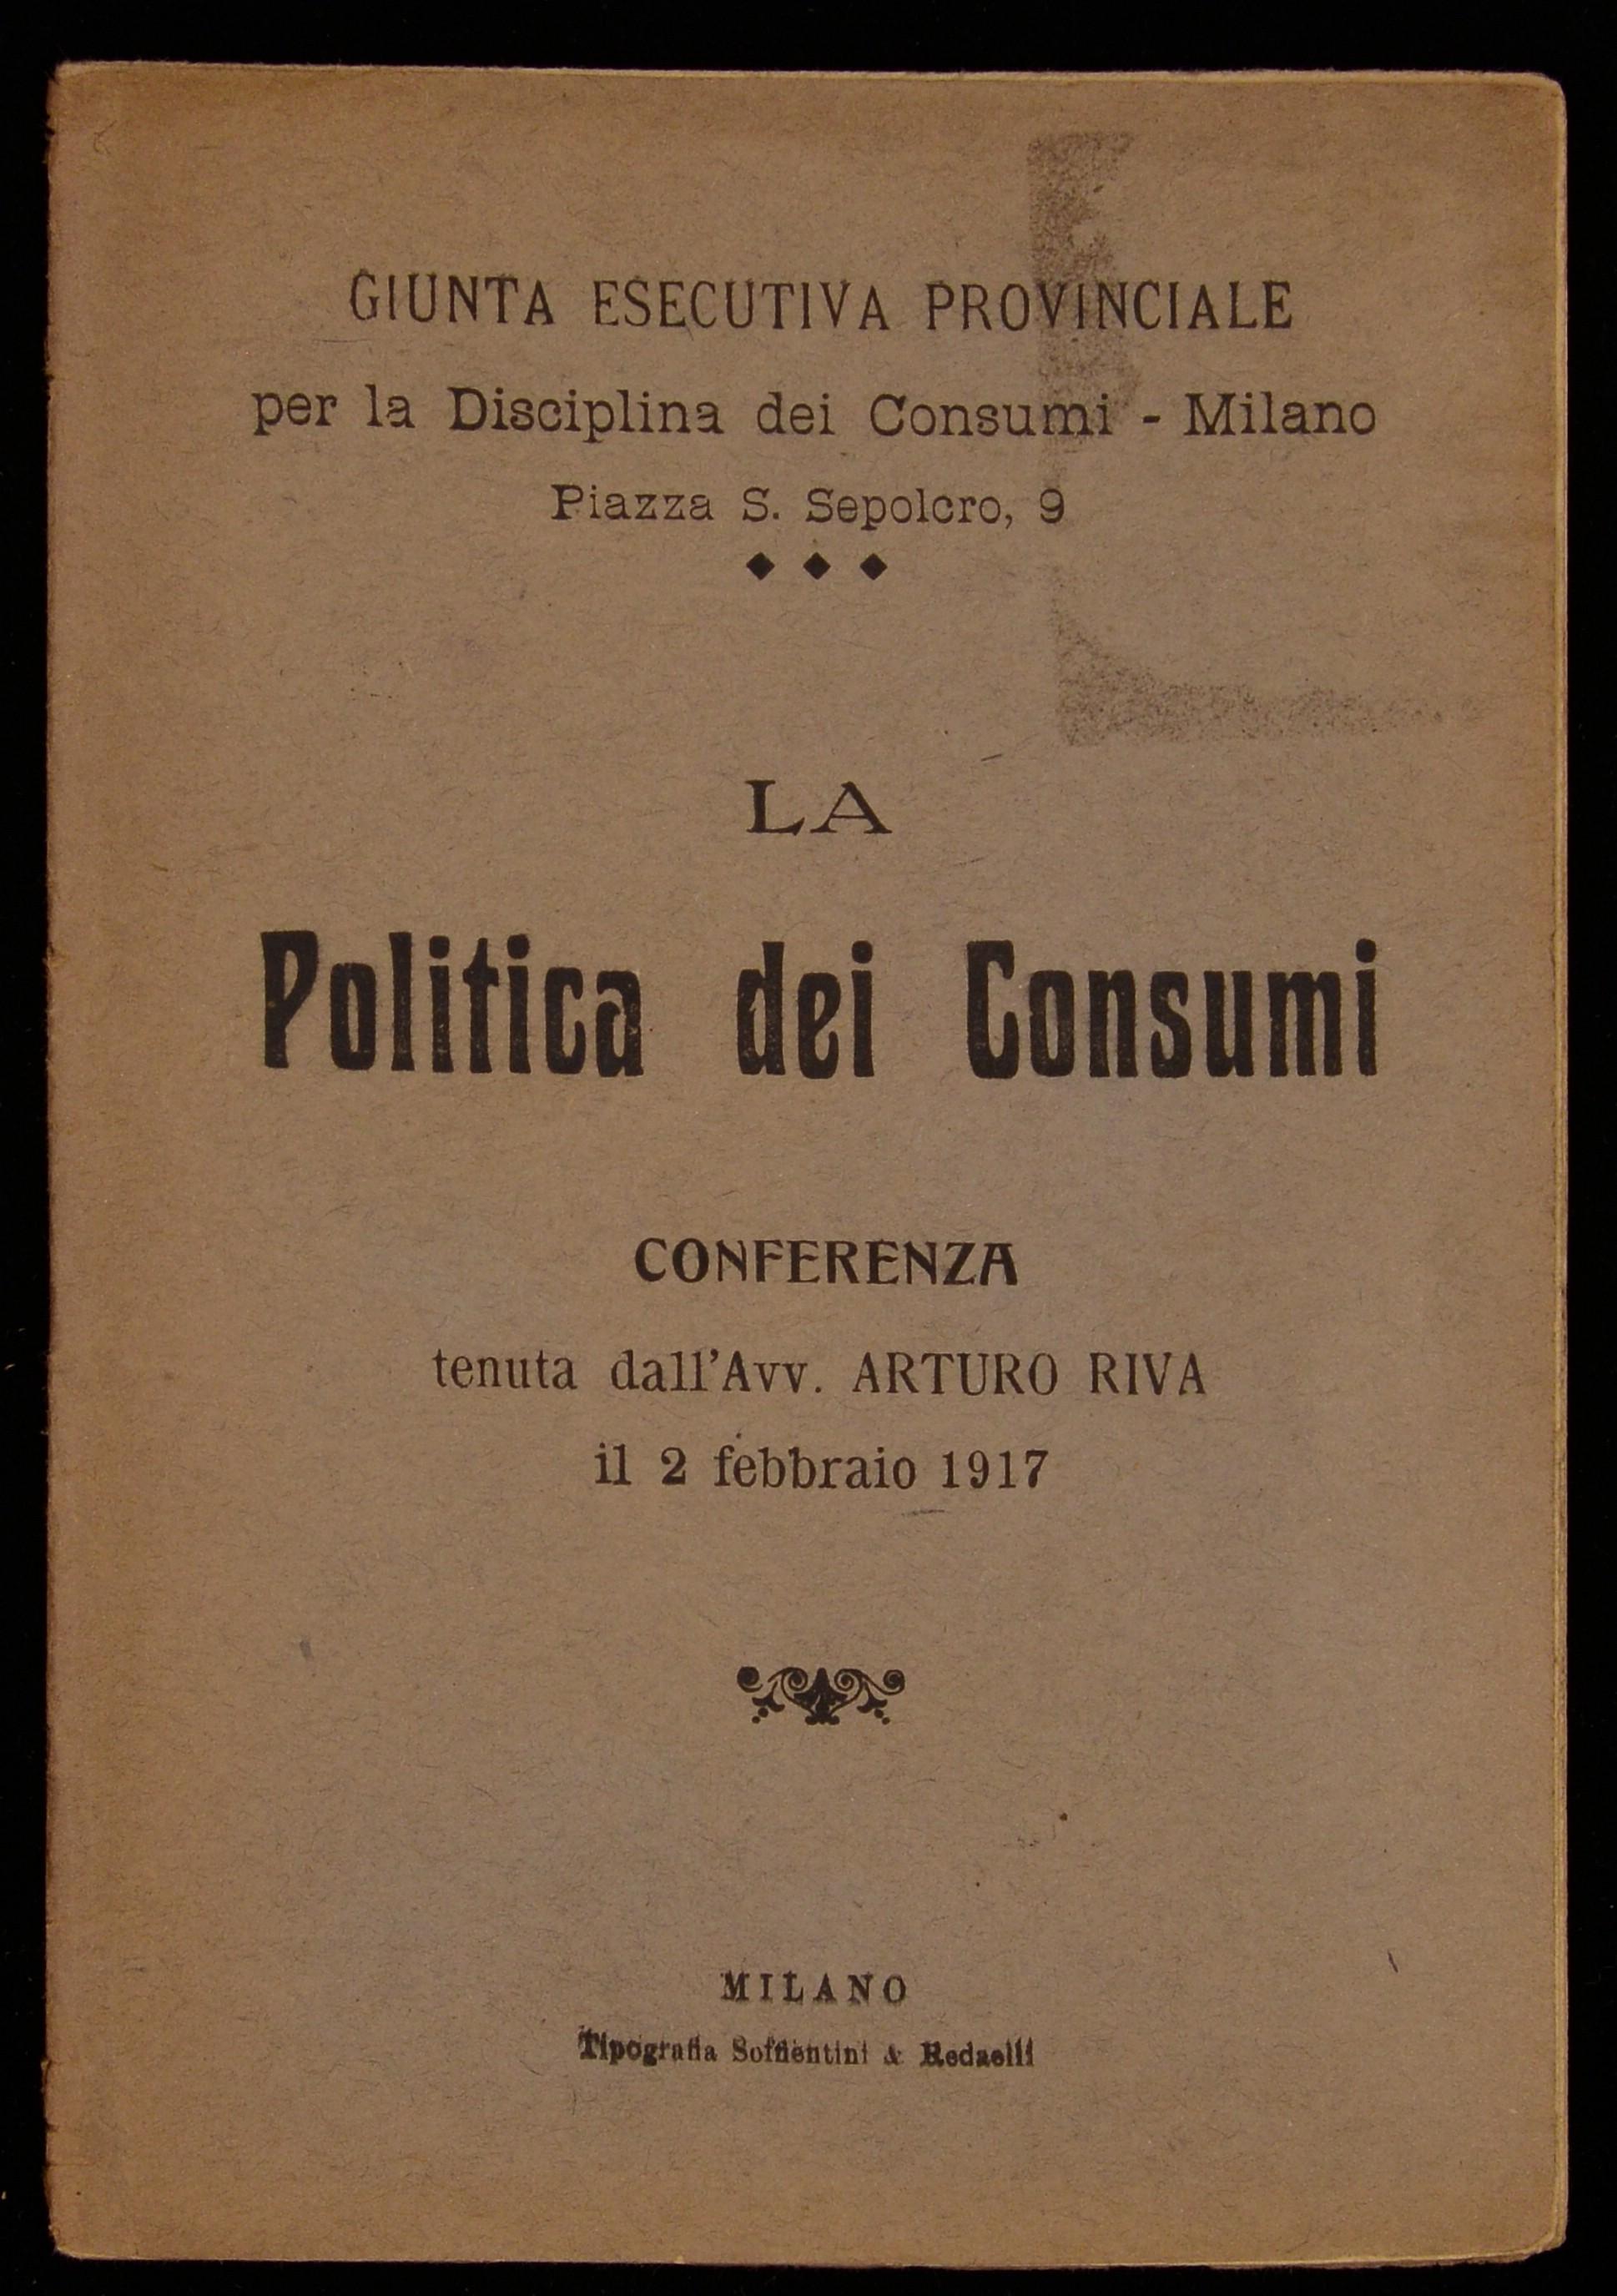 La politica dei consumi